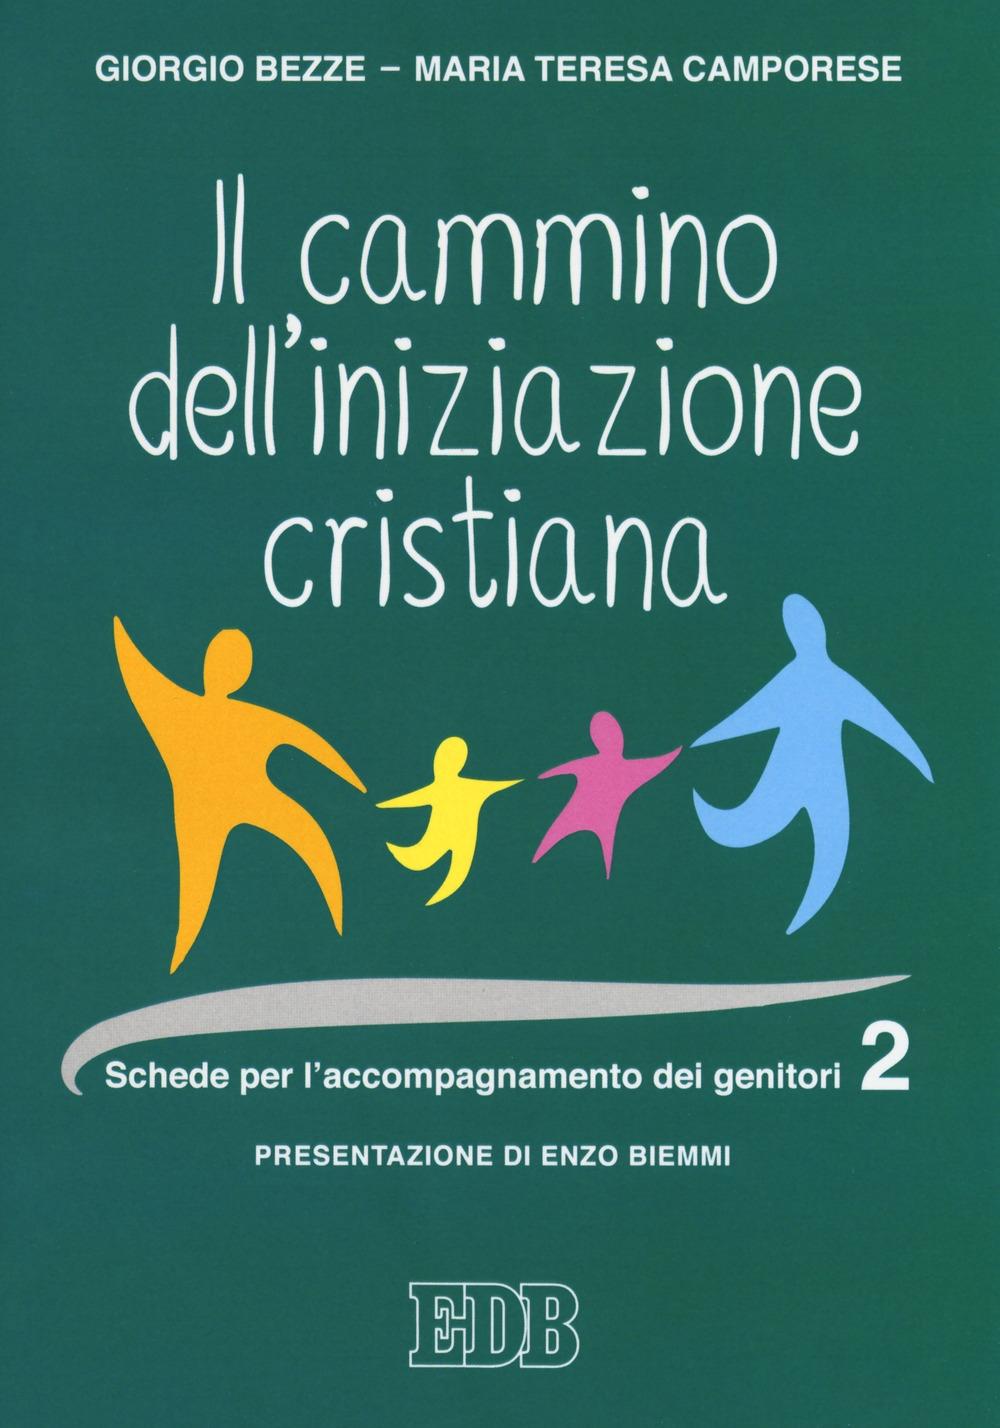 Cammino dell' iniziazione cristiana. Schede per l'accompagnamento dei genitori